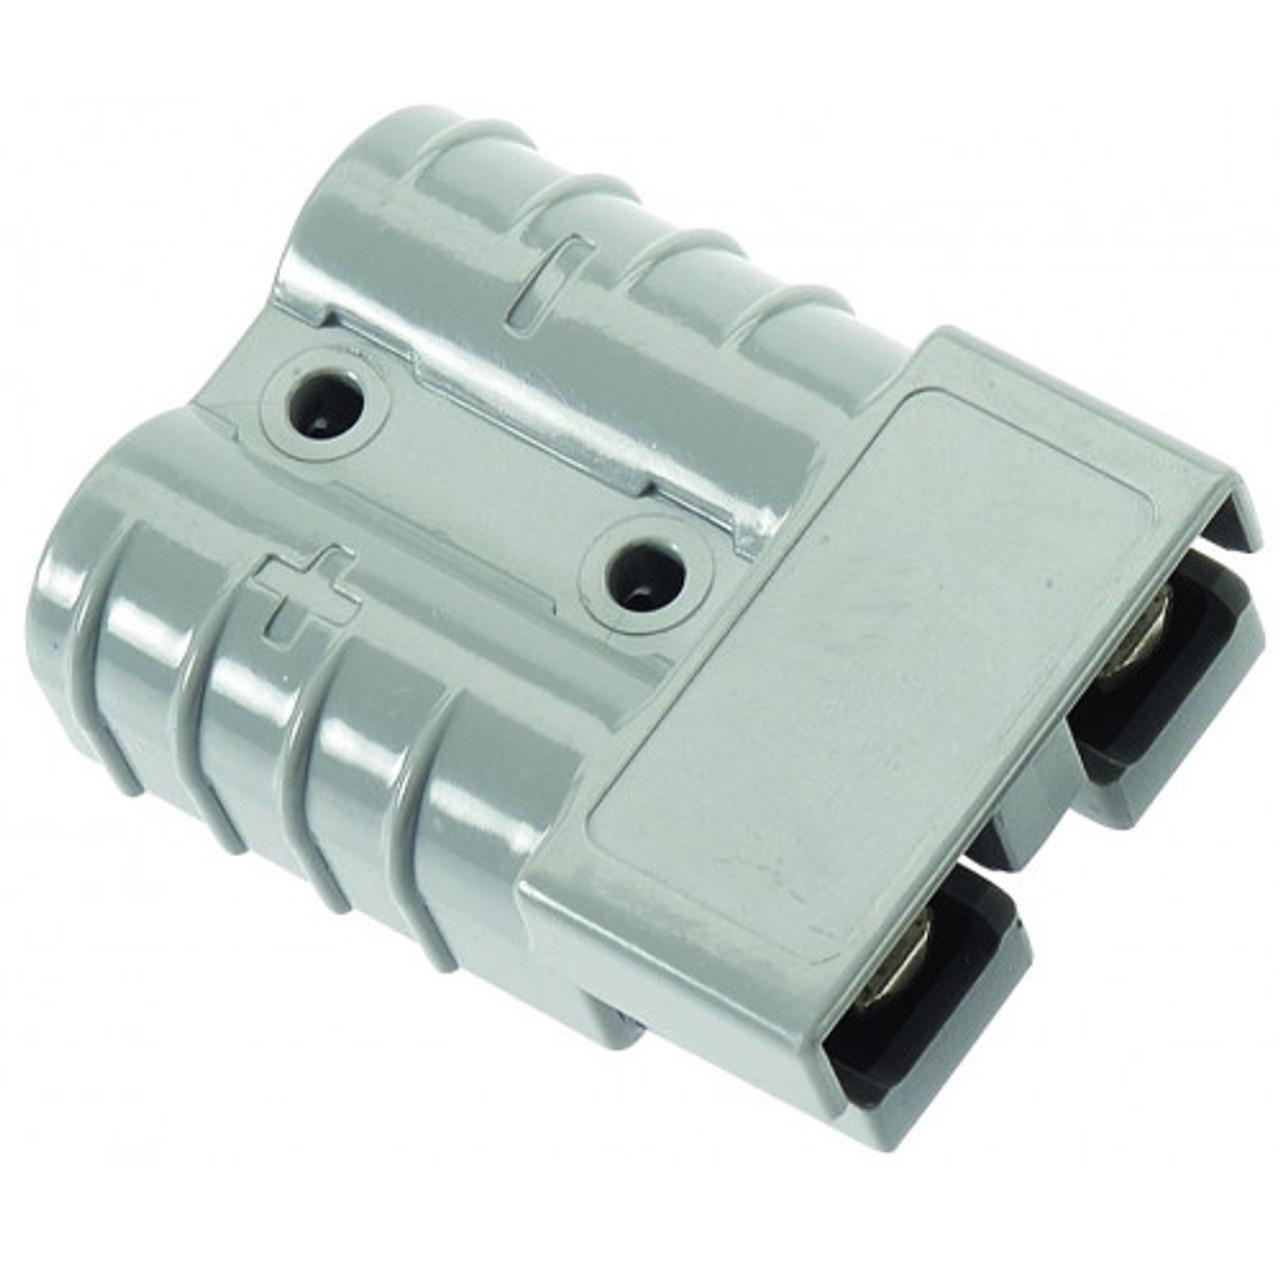 Anderson Plug Connector Heavy Duty 50amp